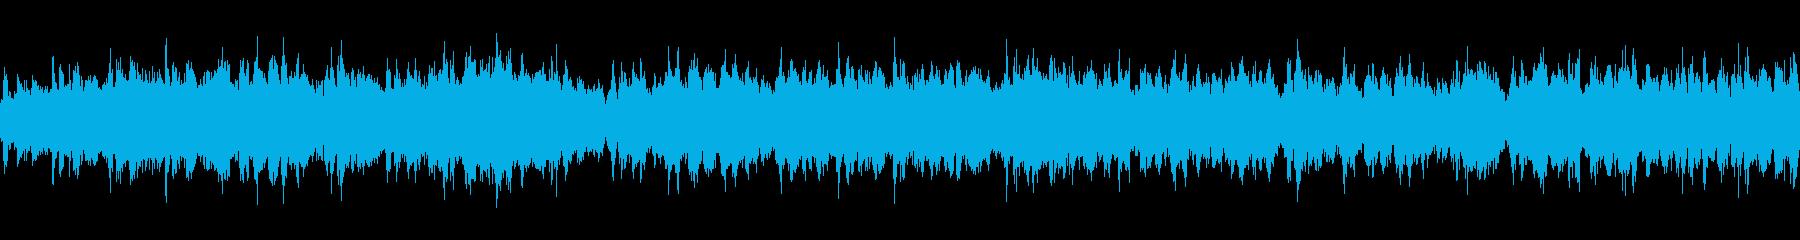 【緊張/不安】ストリングス:ループBGMの再生済みの波形